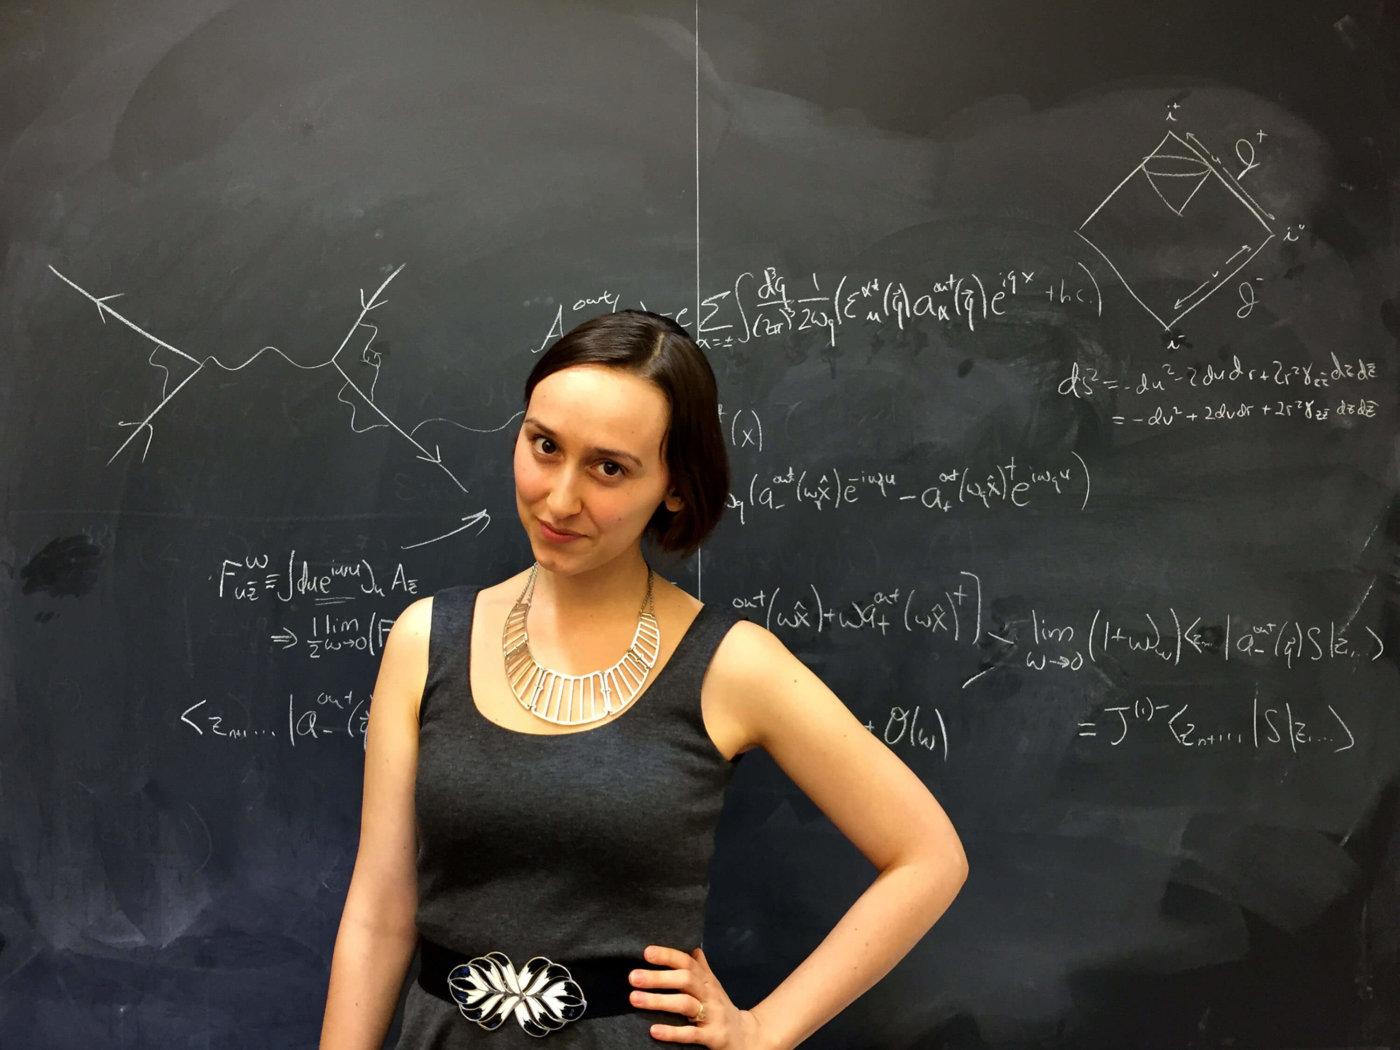 14 歲自造飛機被視為下個愛因斯坦──物理少女帕斯特斯基